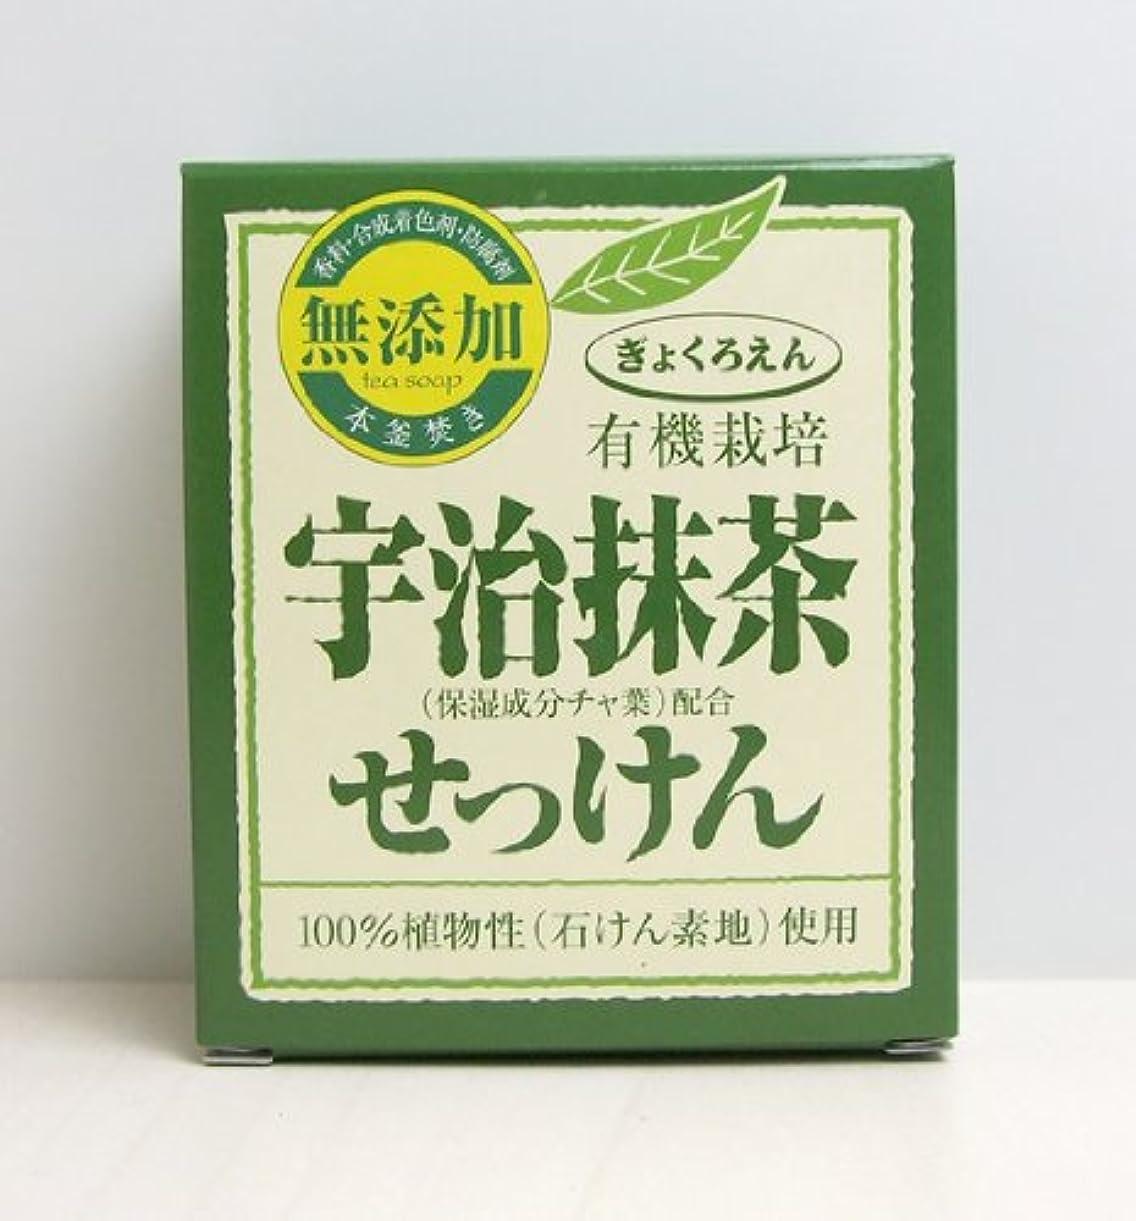 お茶のせっけん:有機栽培宇治抹茶せっけん